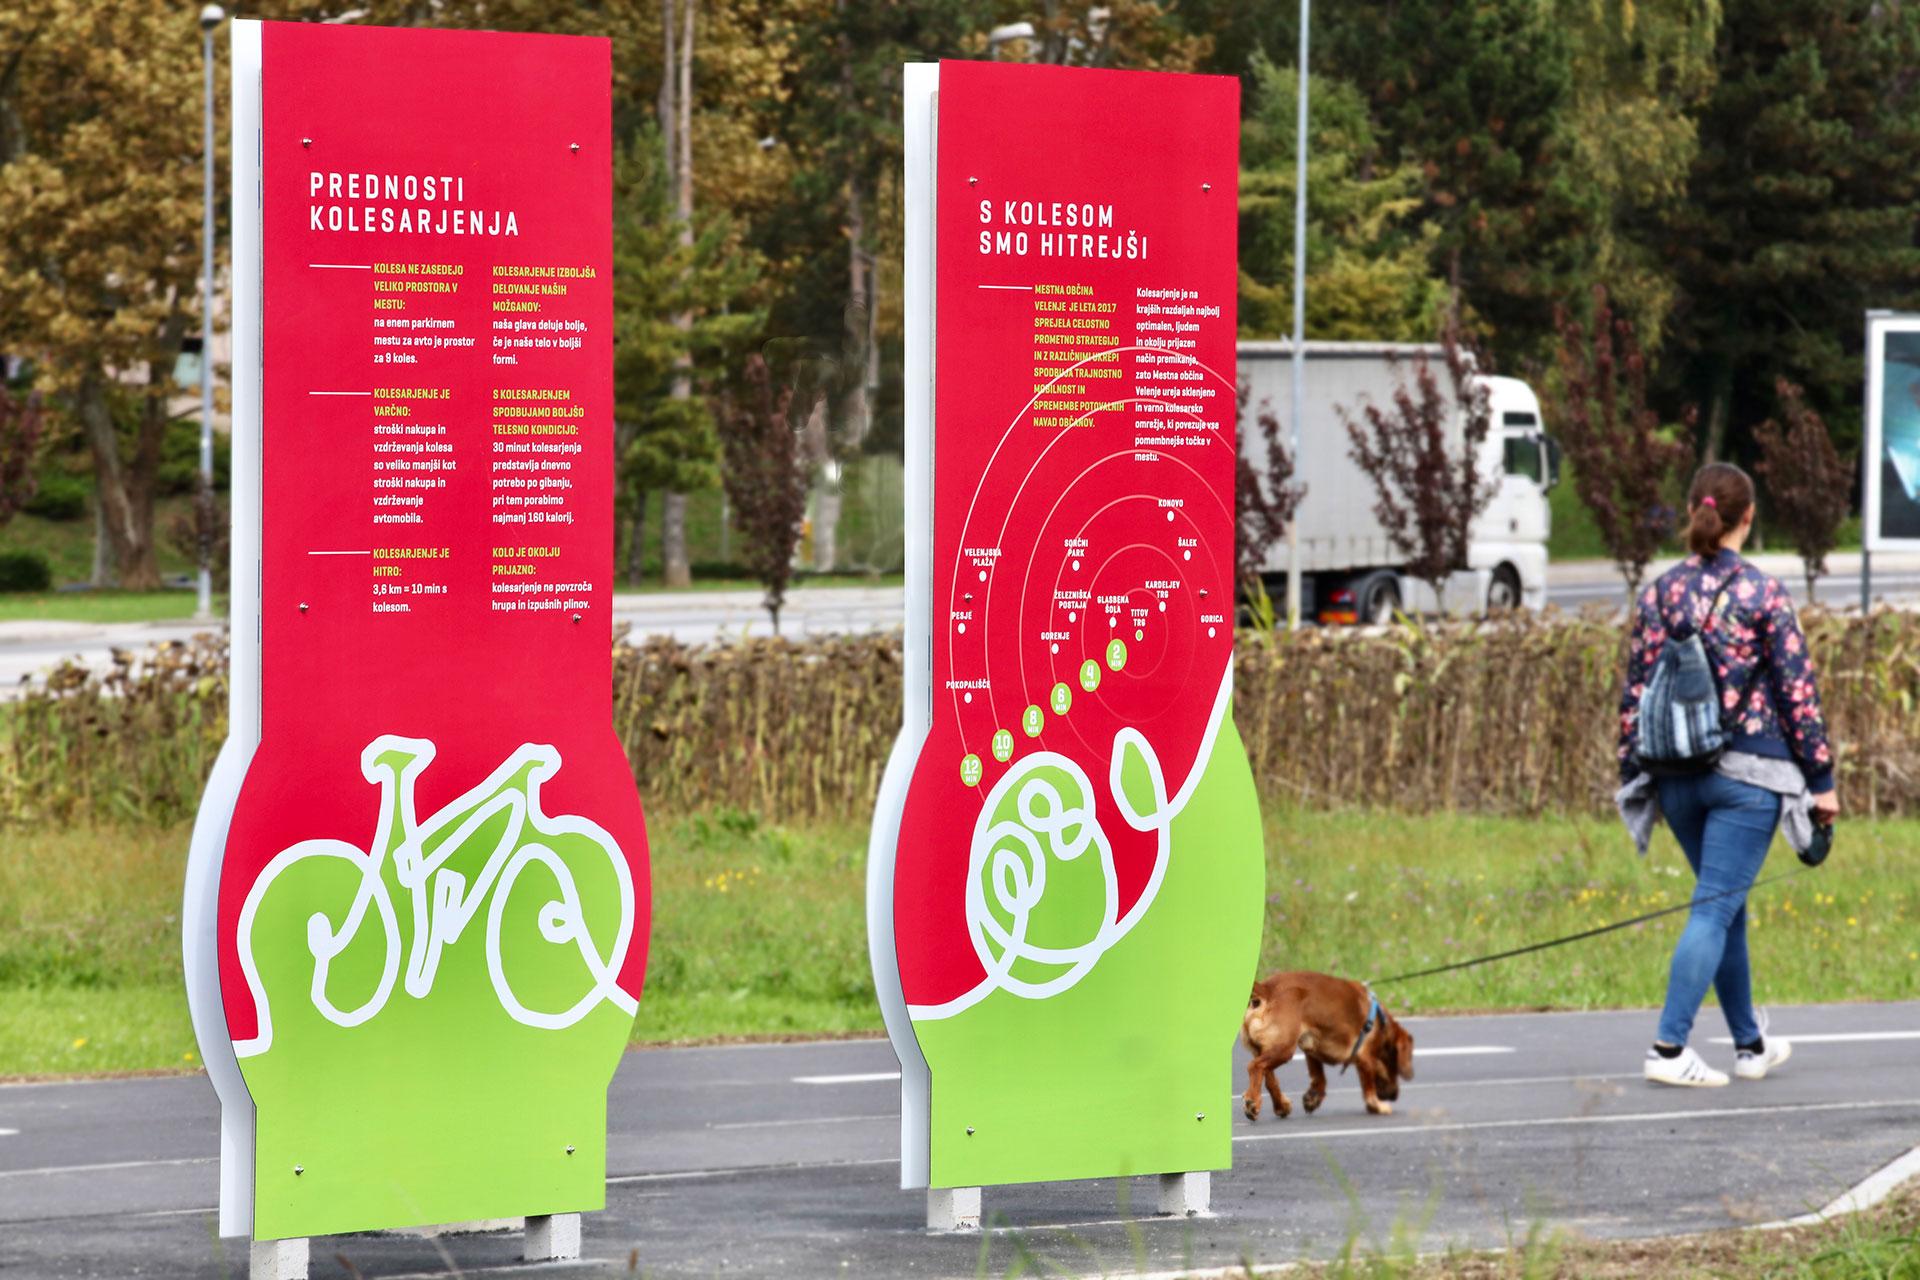 moje_mesto_kolesarske-obcina_velenje-jumbo_TABLE_marko_marinsek_ma-ma_studio__19_1b